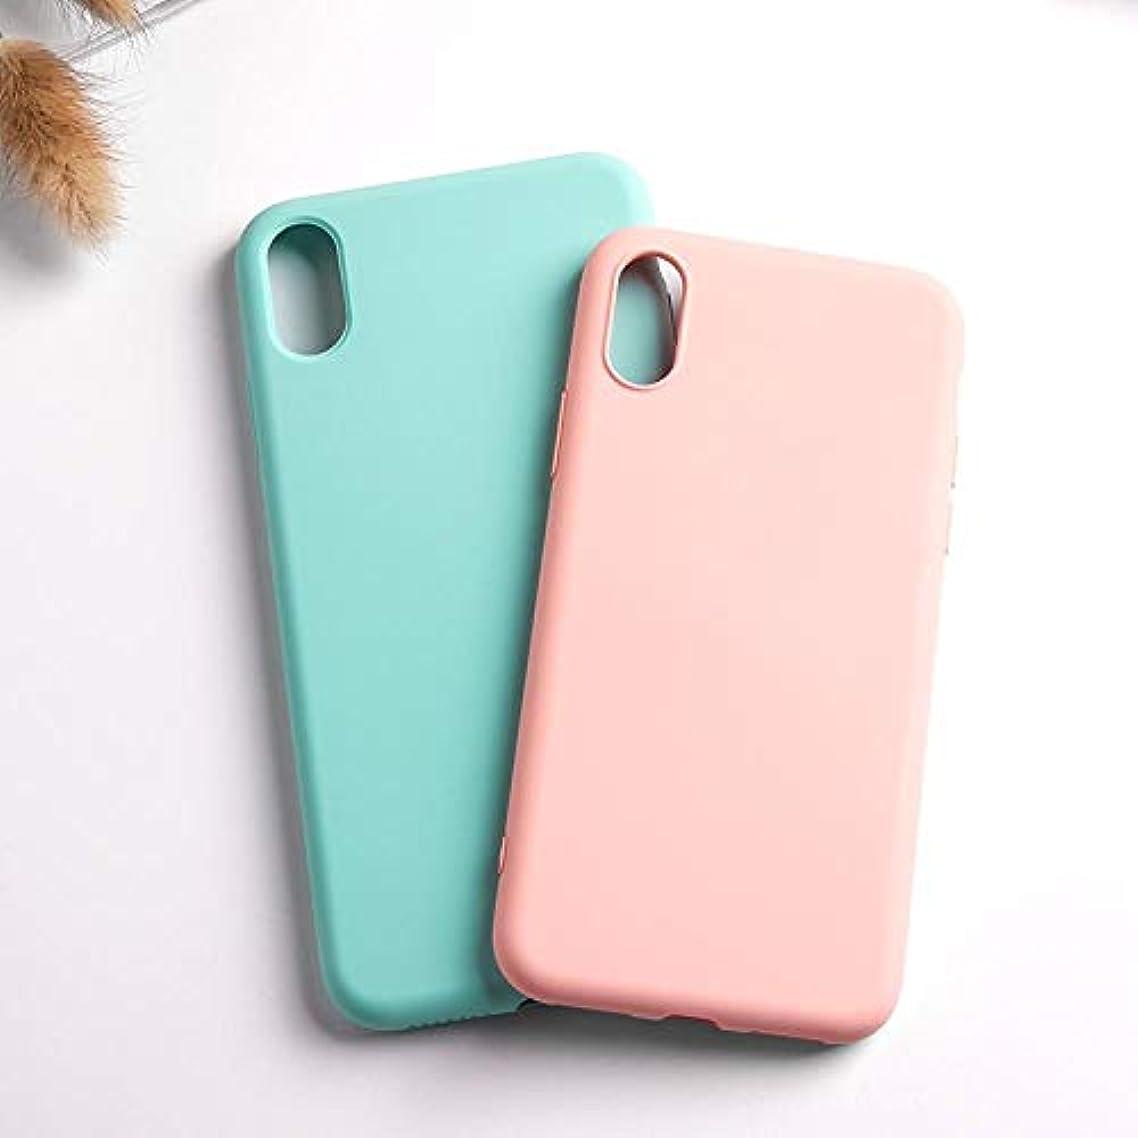 無知五十を除くFUKUAKON スマホケース 携帯ケース 携帯カバー 可愛いケース For For iphone XR X XS Max 6 6S 7 8 Plus ソフトTPU 可愛い 携帯電話アクセサリーファッション (Color : 青, Size : For iPhone 6 Plus)